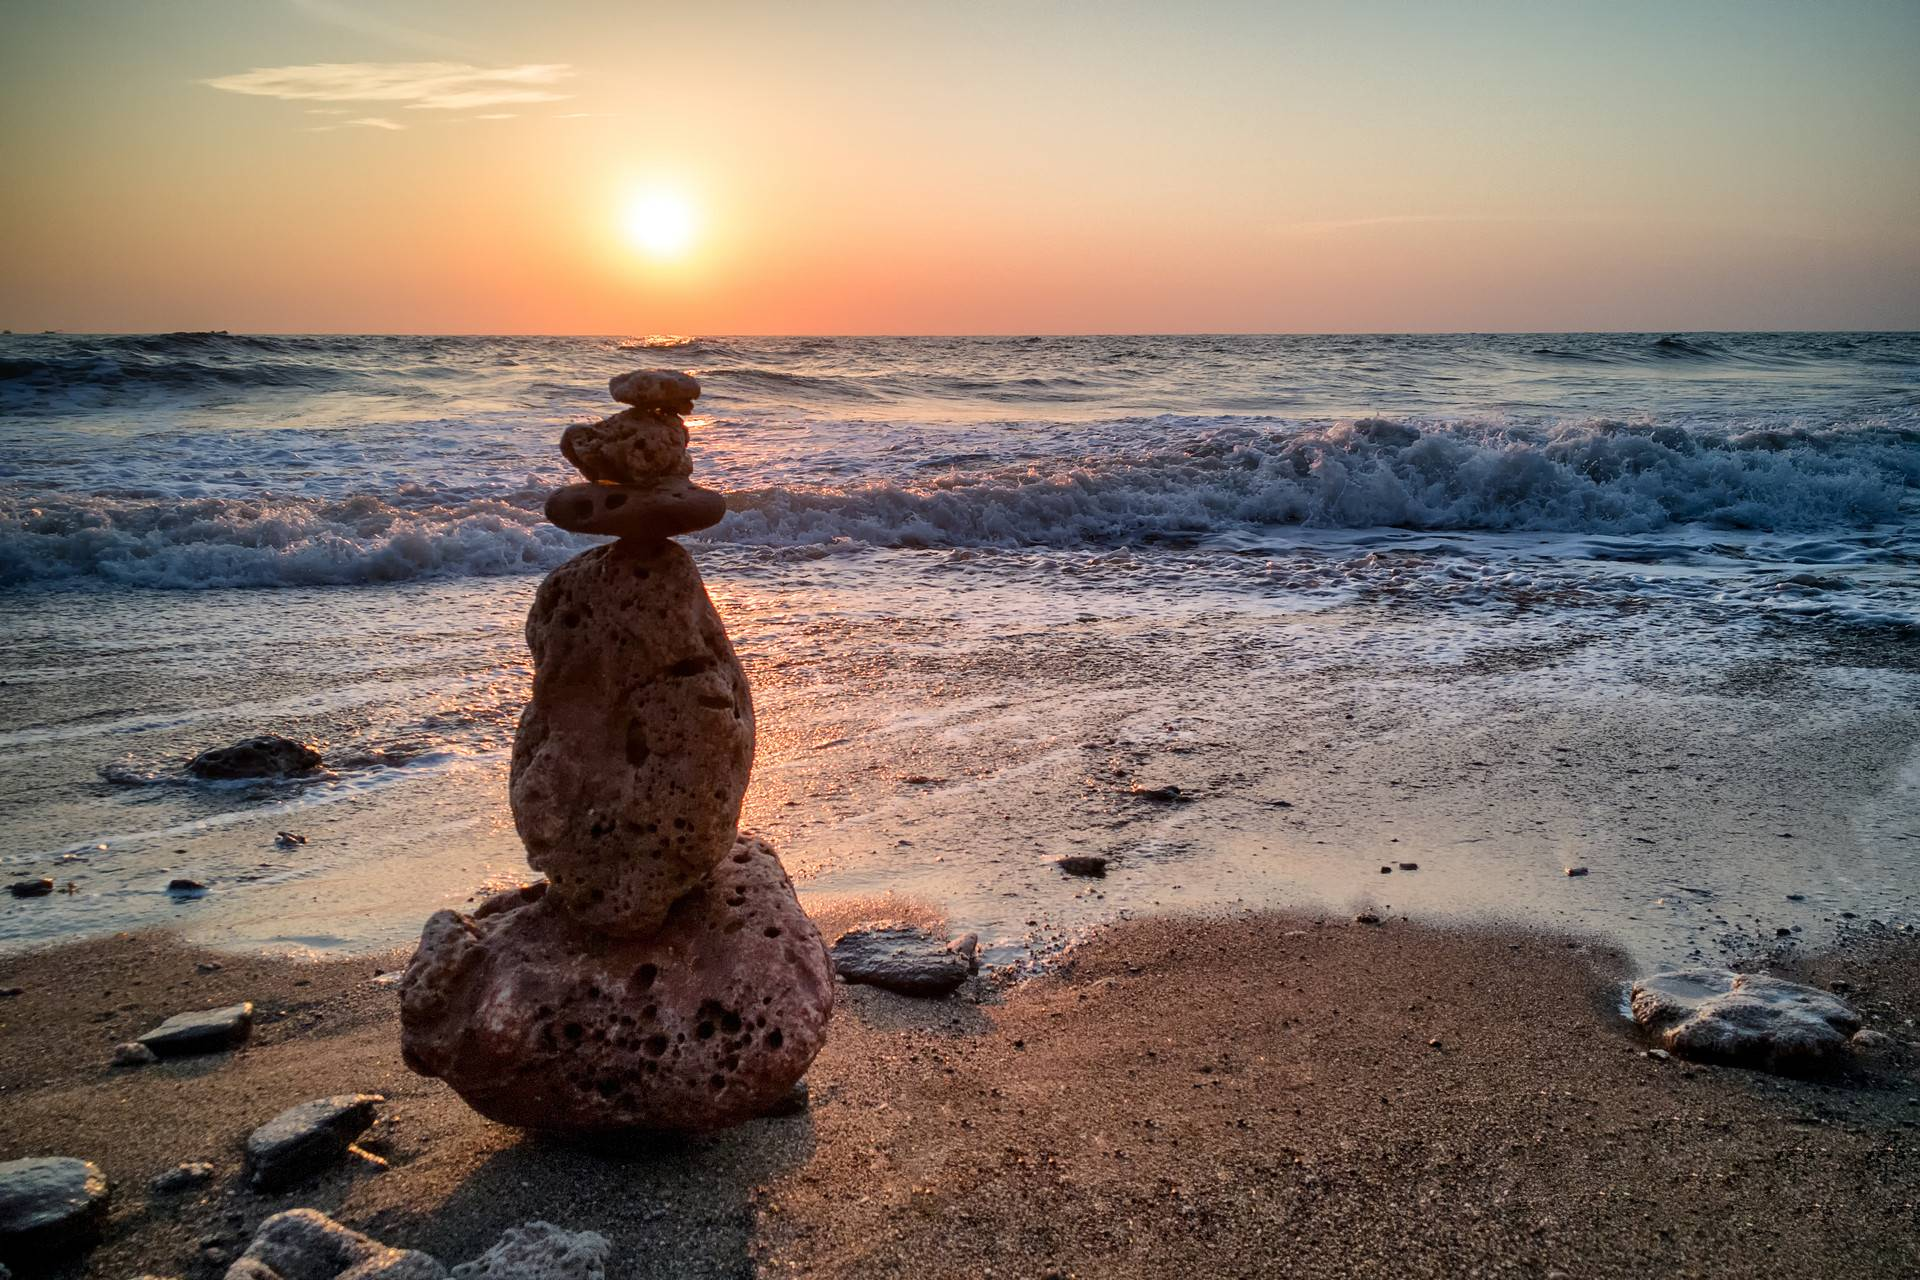 【相约涠洲岛】广西·北海十里银滩+涠洲岛+火山口公园·3天2晚